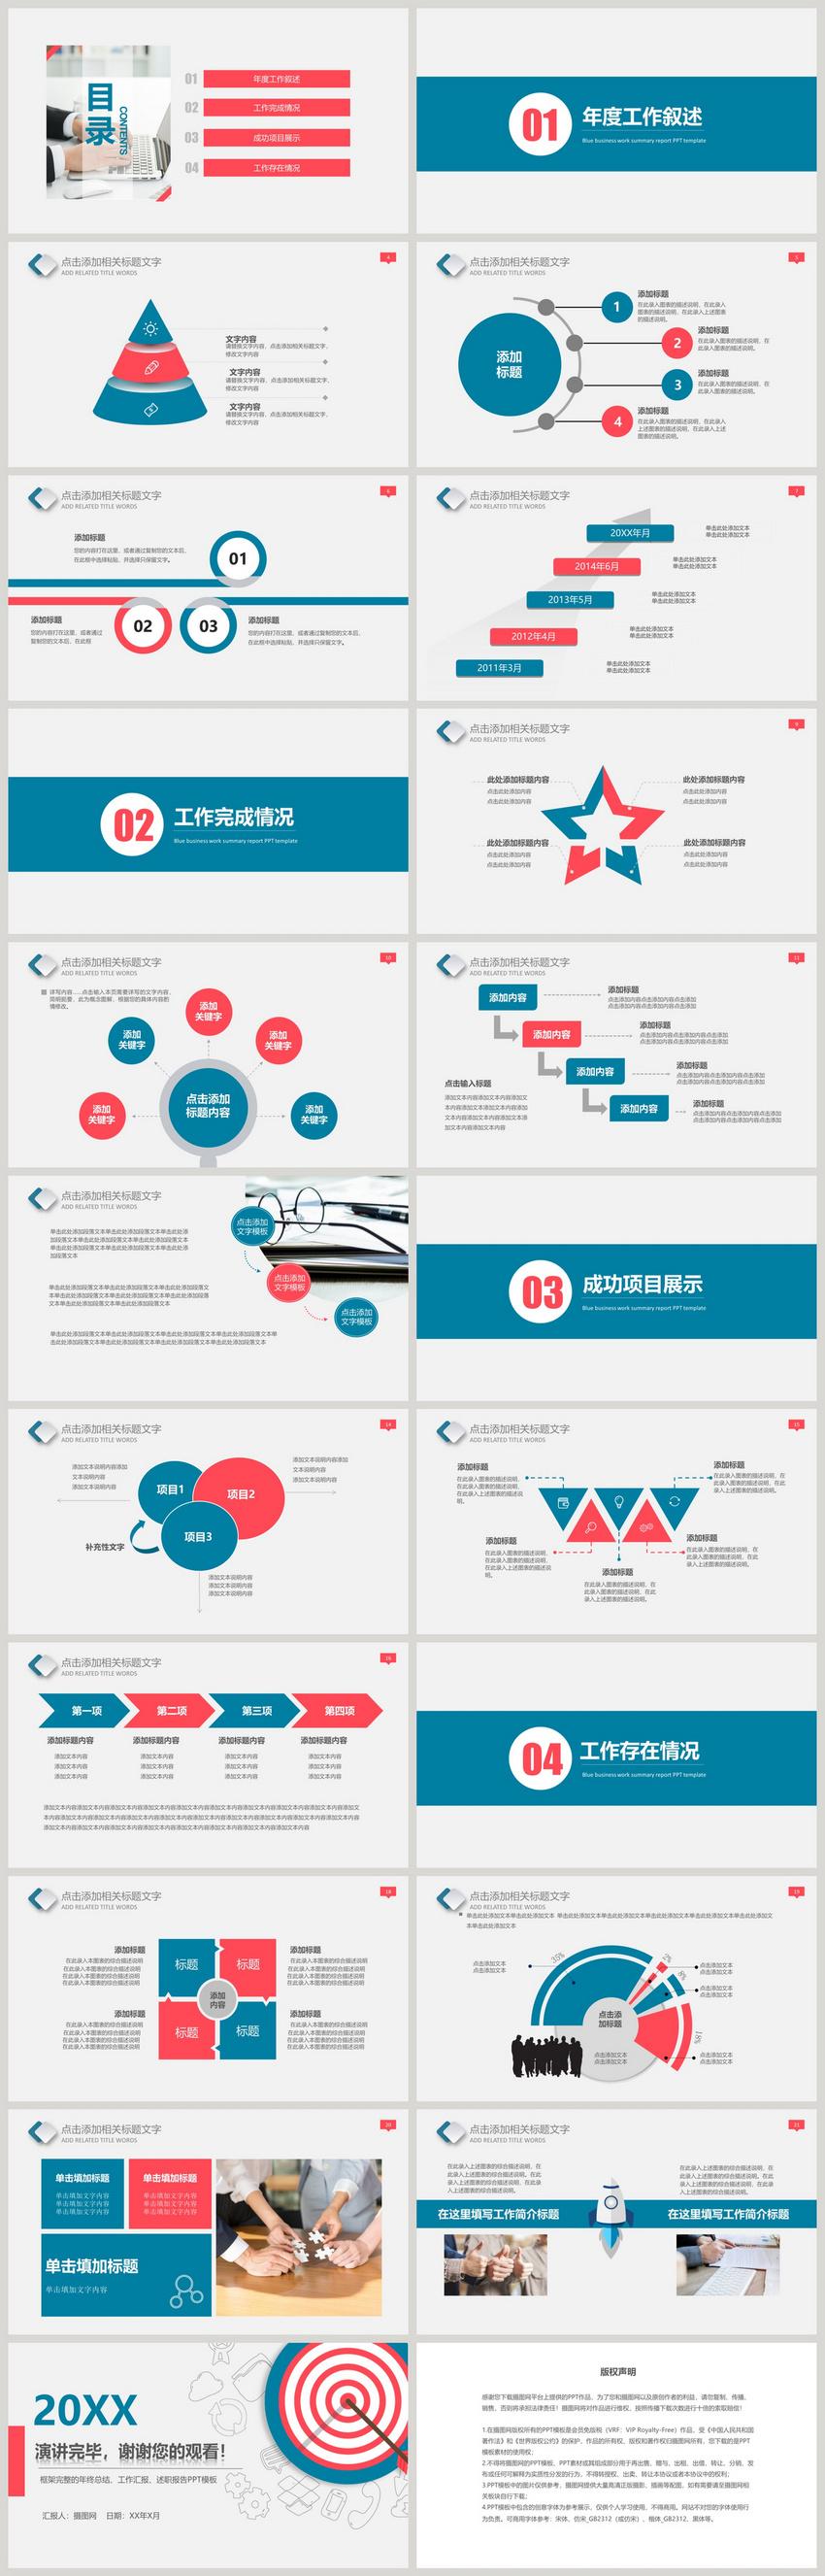 年终业绩报告KPI考核汇报PPT模板图片